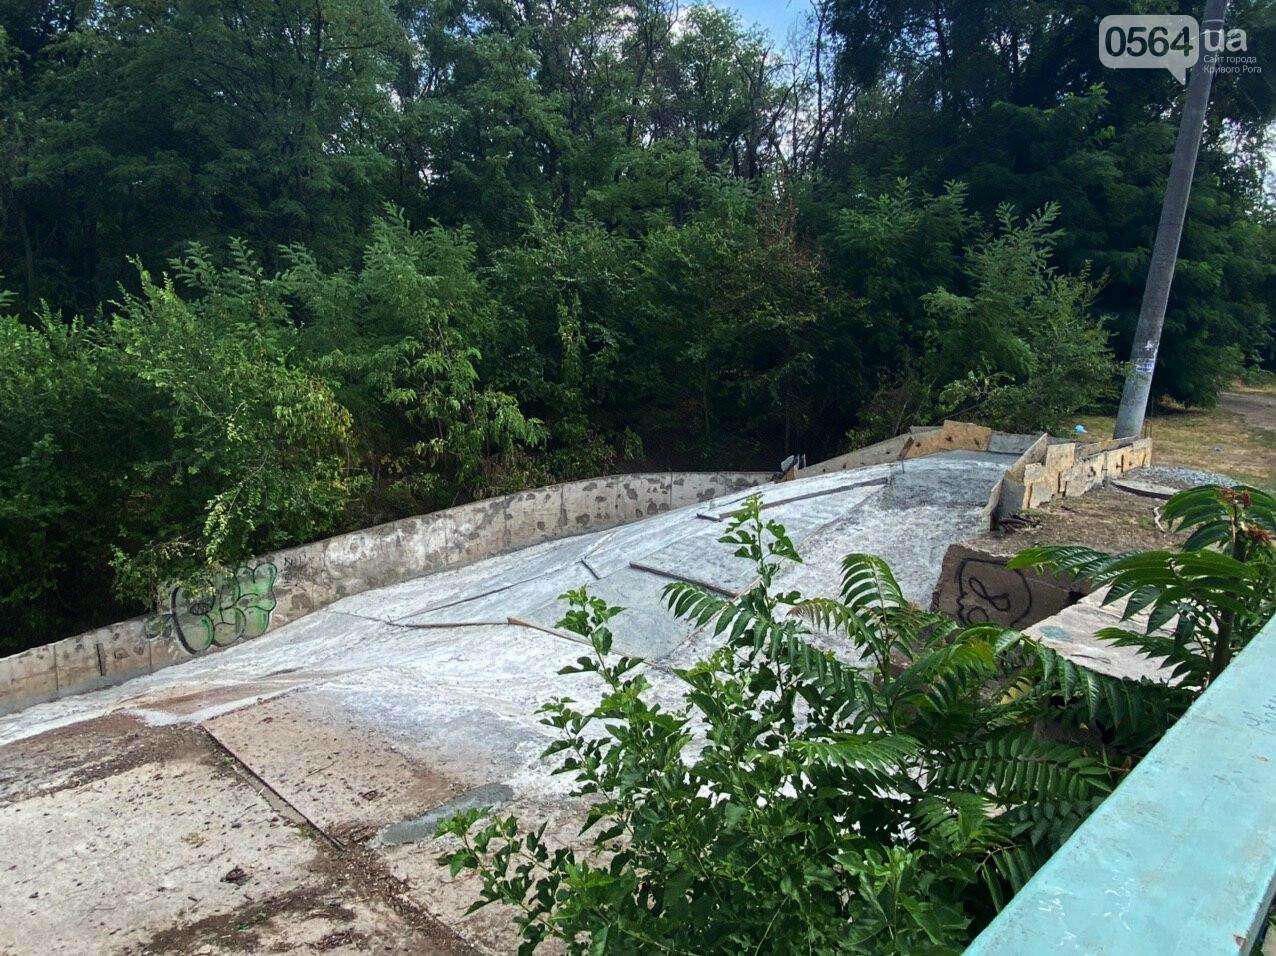 В Кривом Роге опять ремонтируют мост, где 5 лет назад произошло ЧП, - ФОТО , фото-19